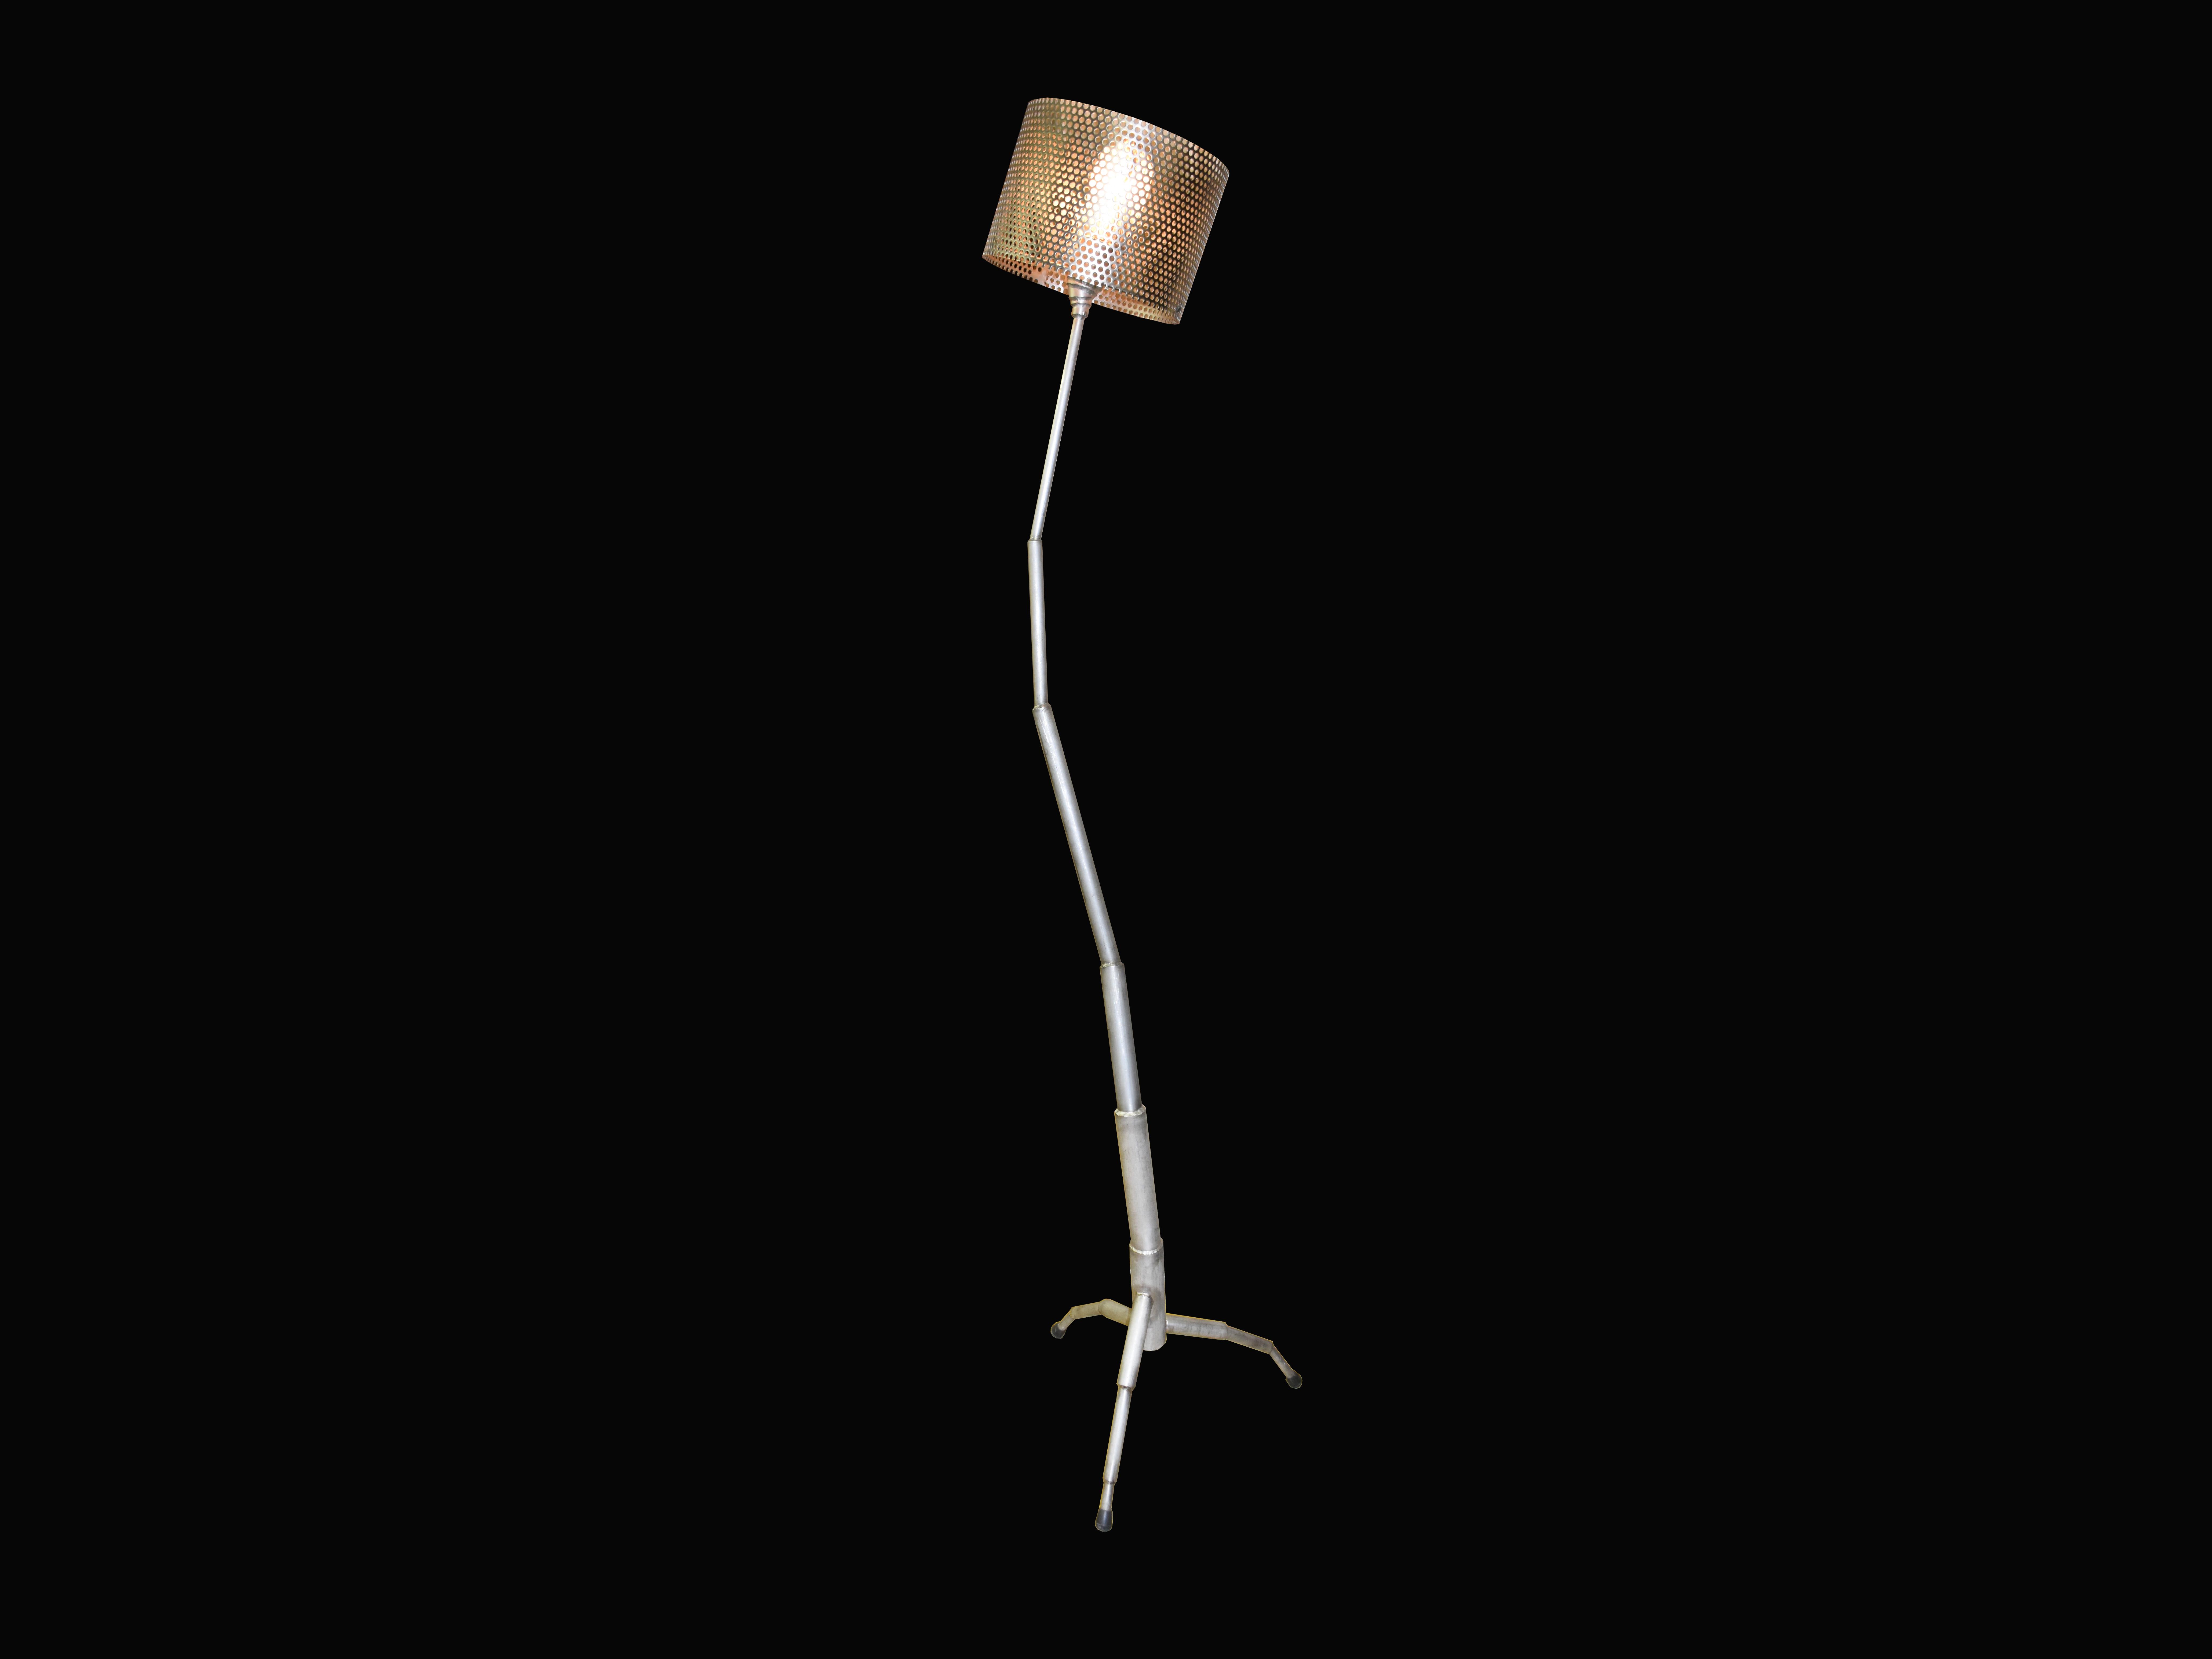 ステンレススタンドライト stainless steel lamp